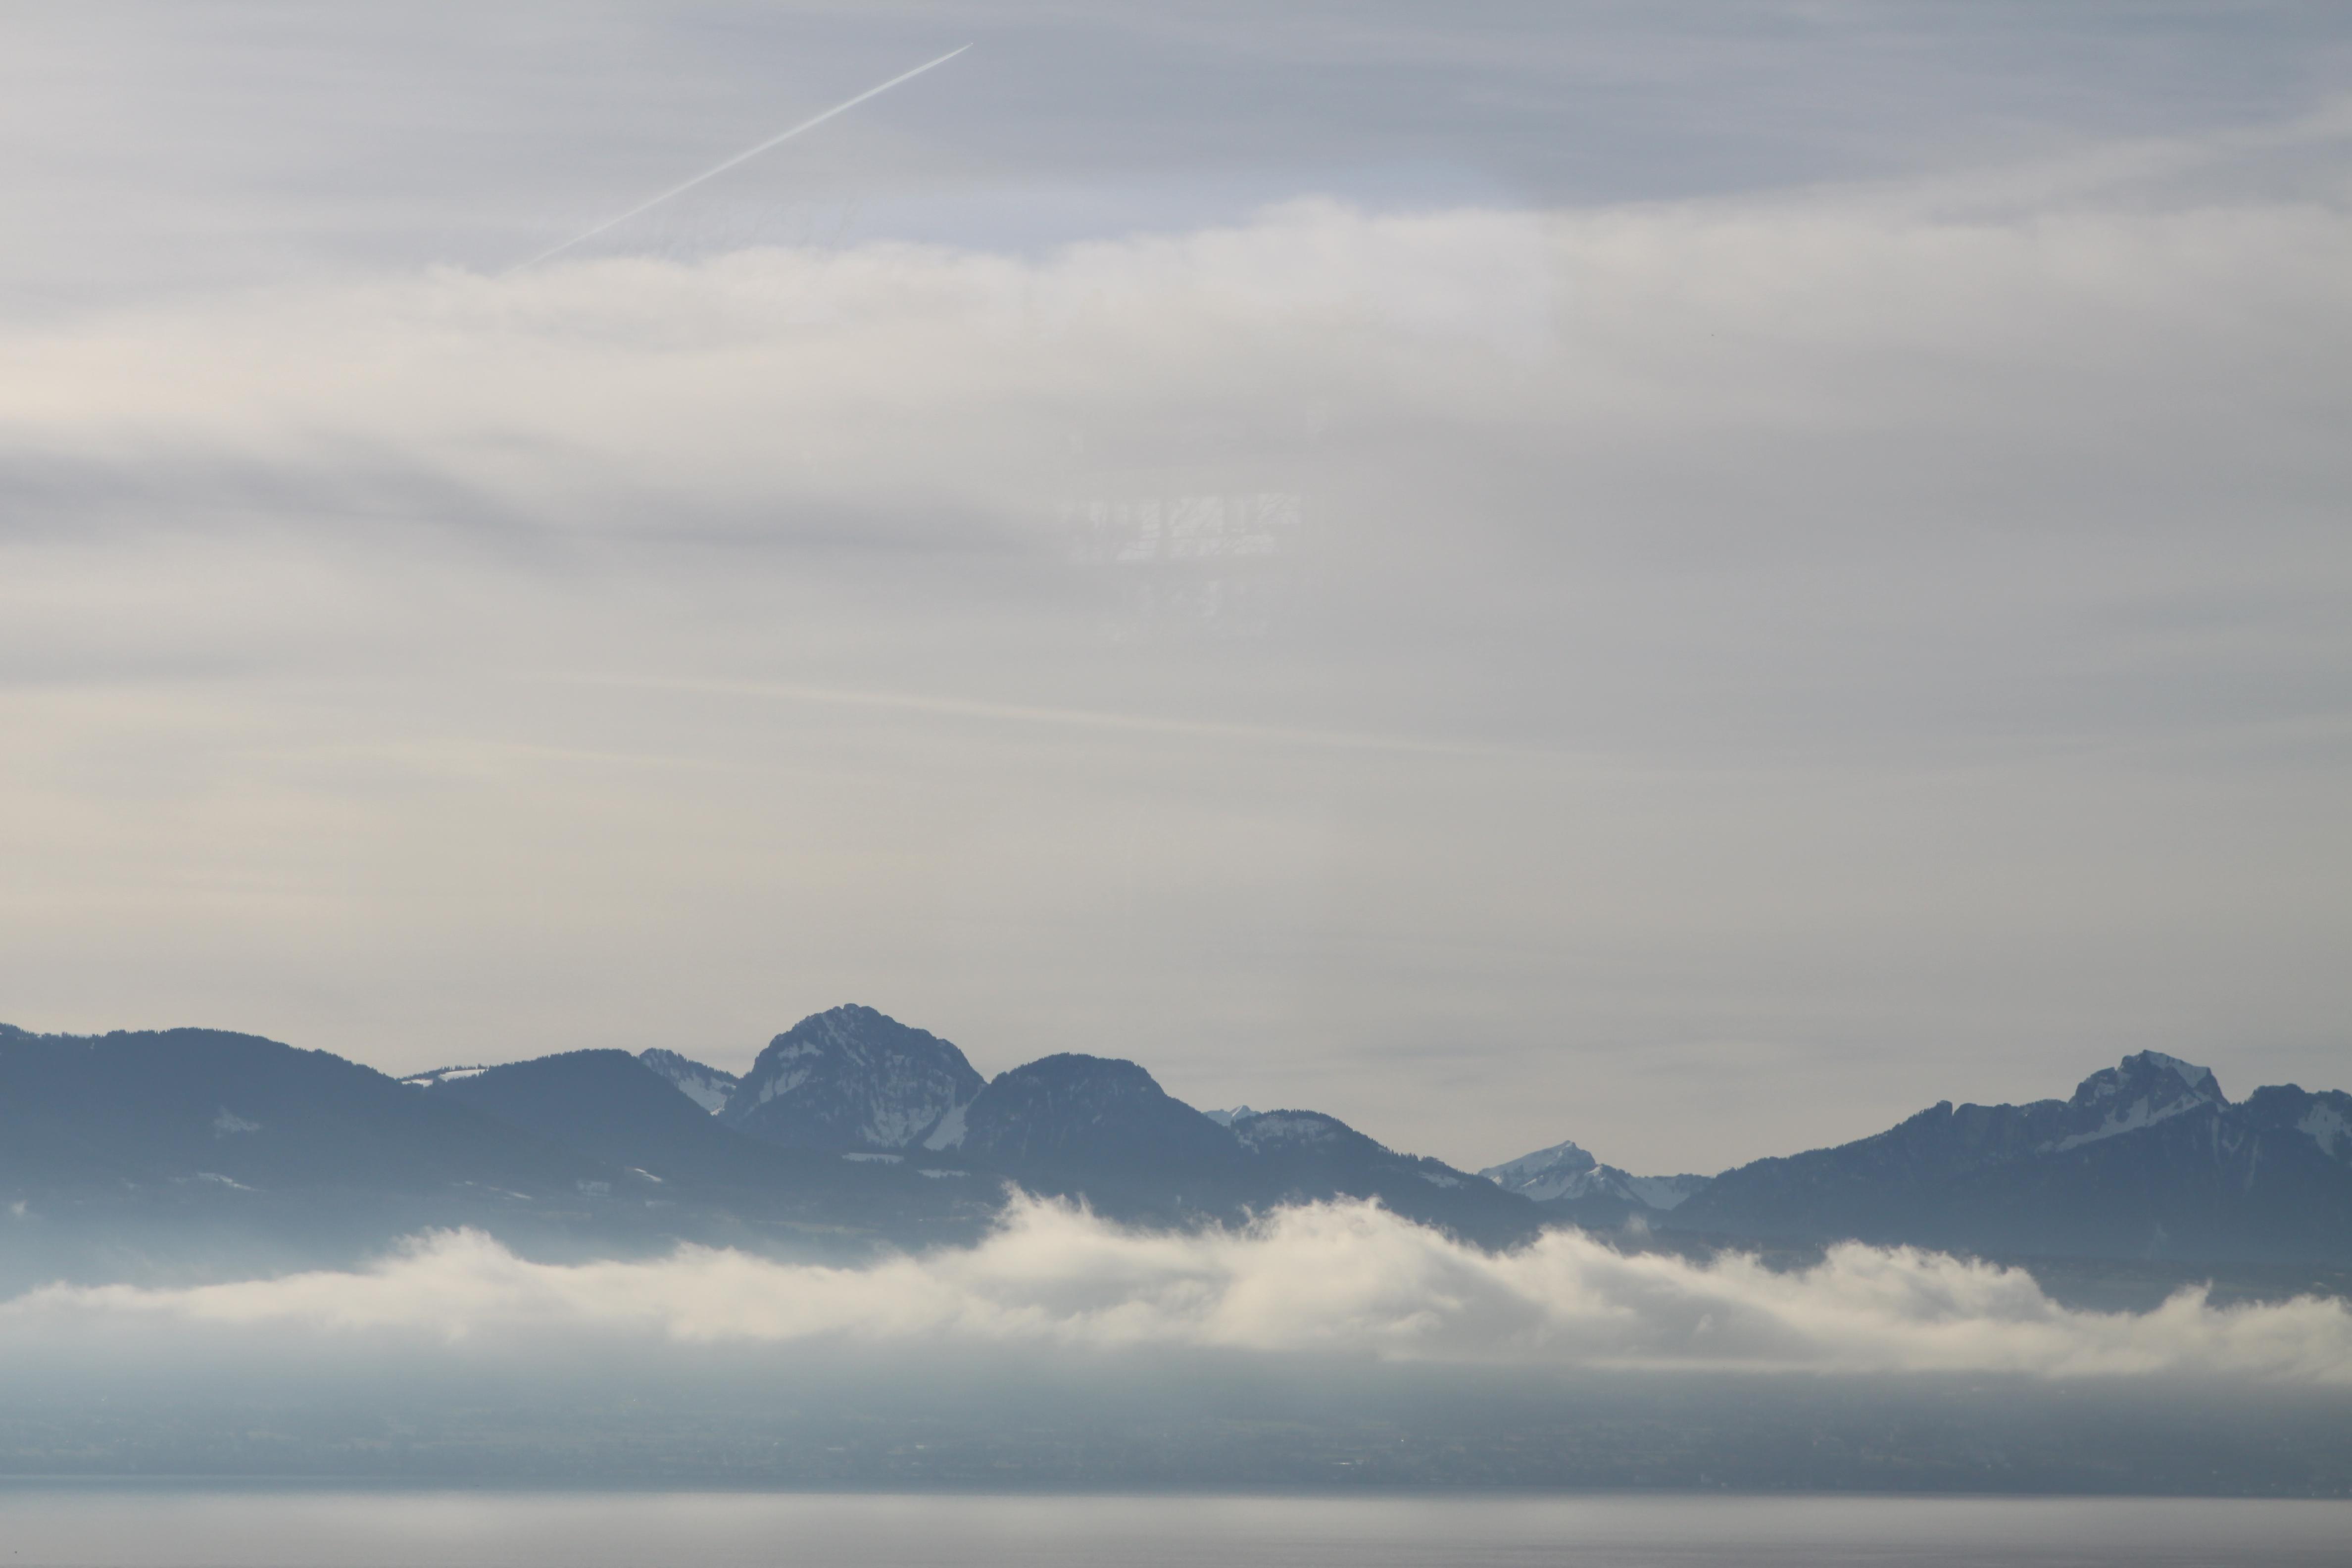 paysage, lach, nuage, montagne et ciel bleu